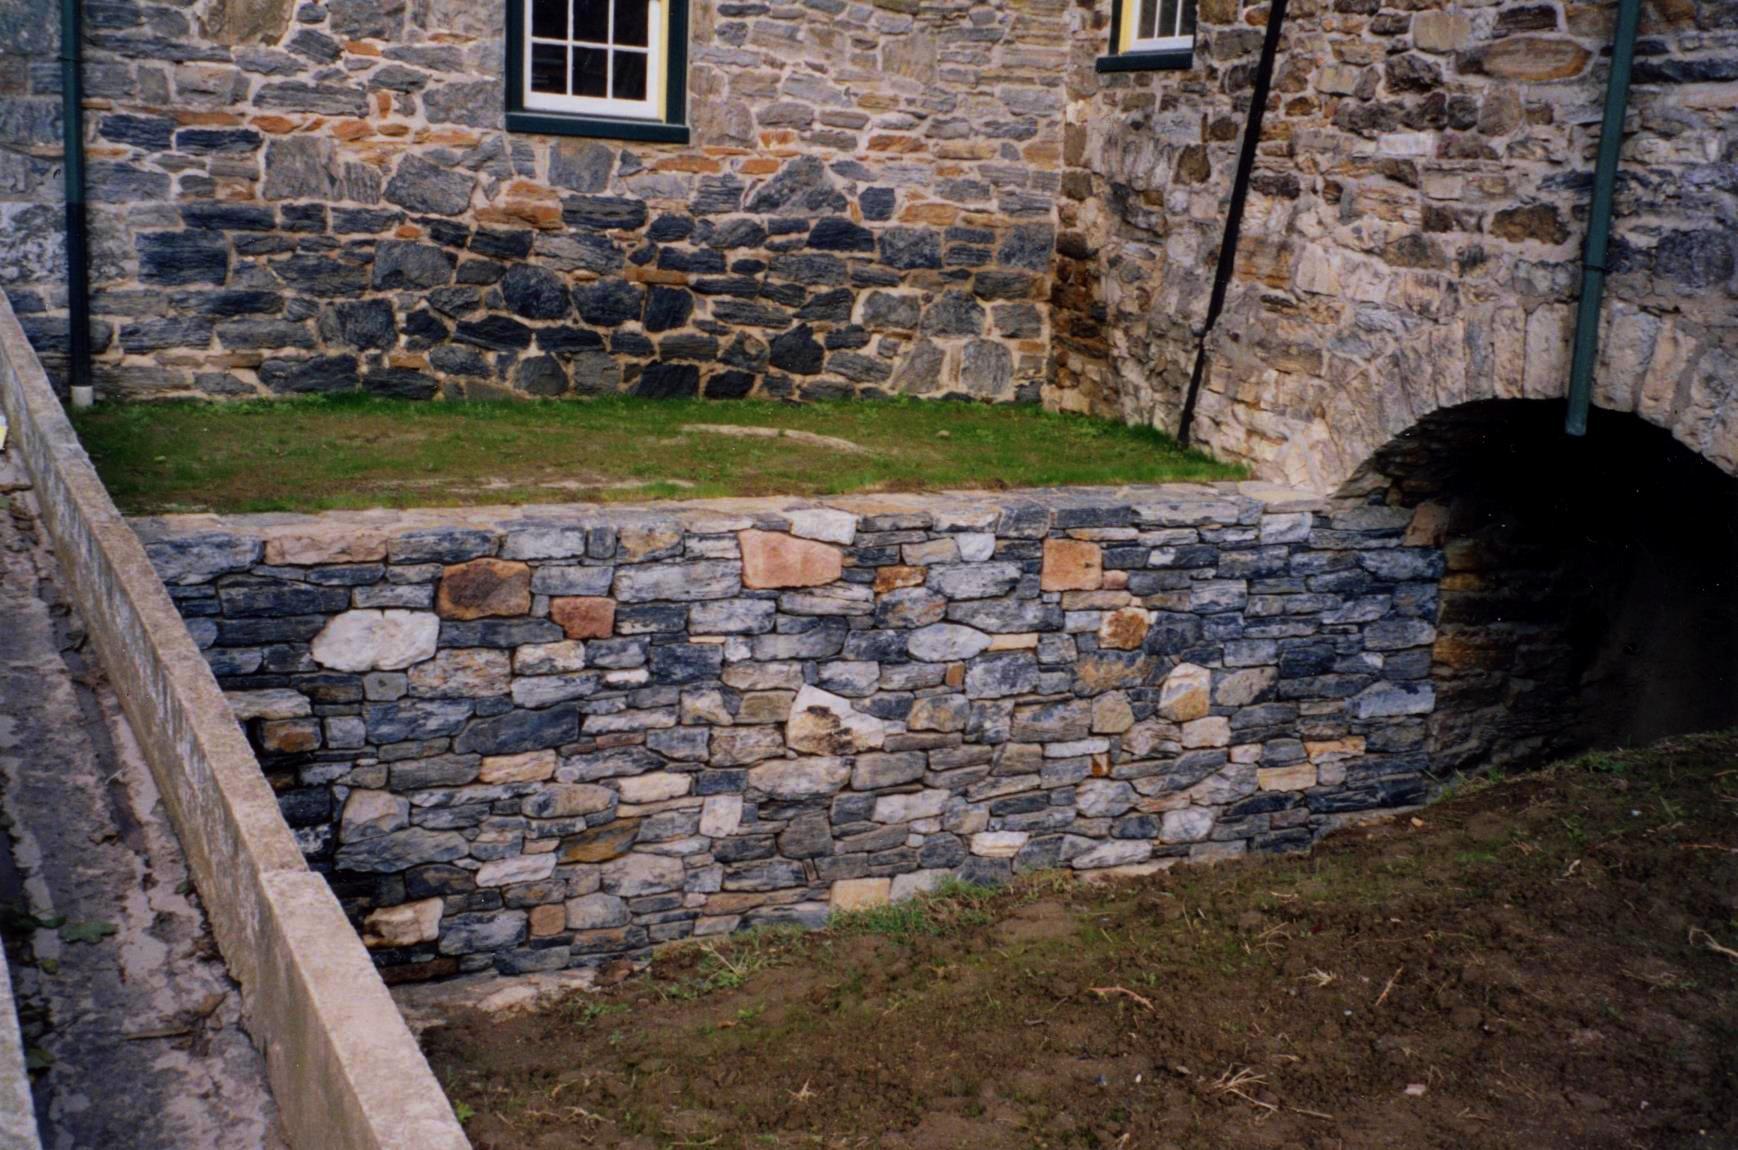 Wall Natural Stone : Stone retaining walls natural